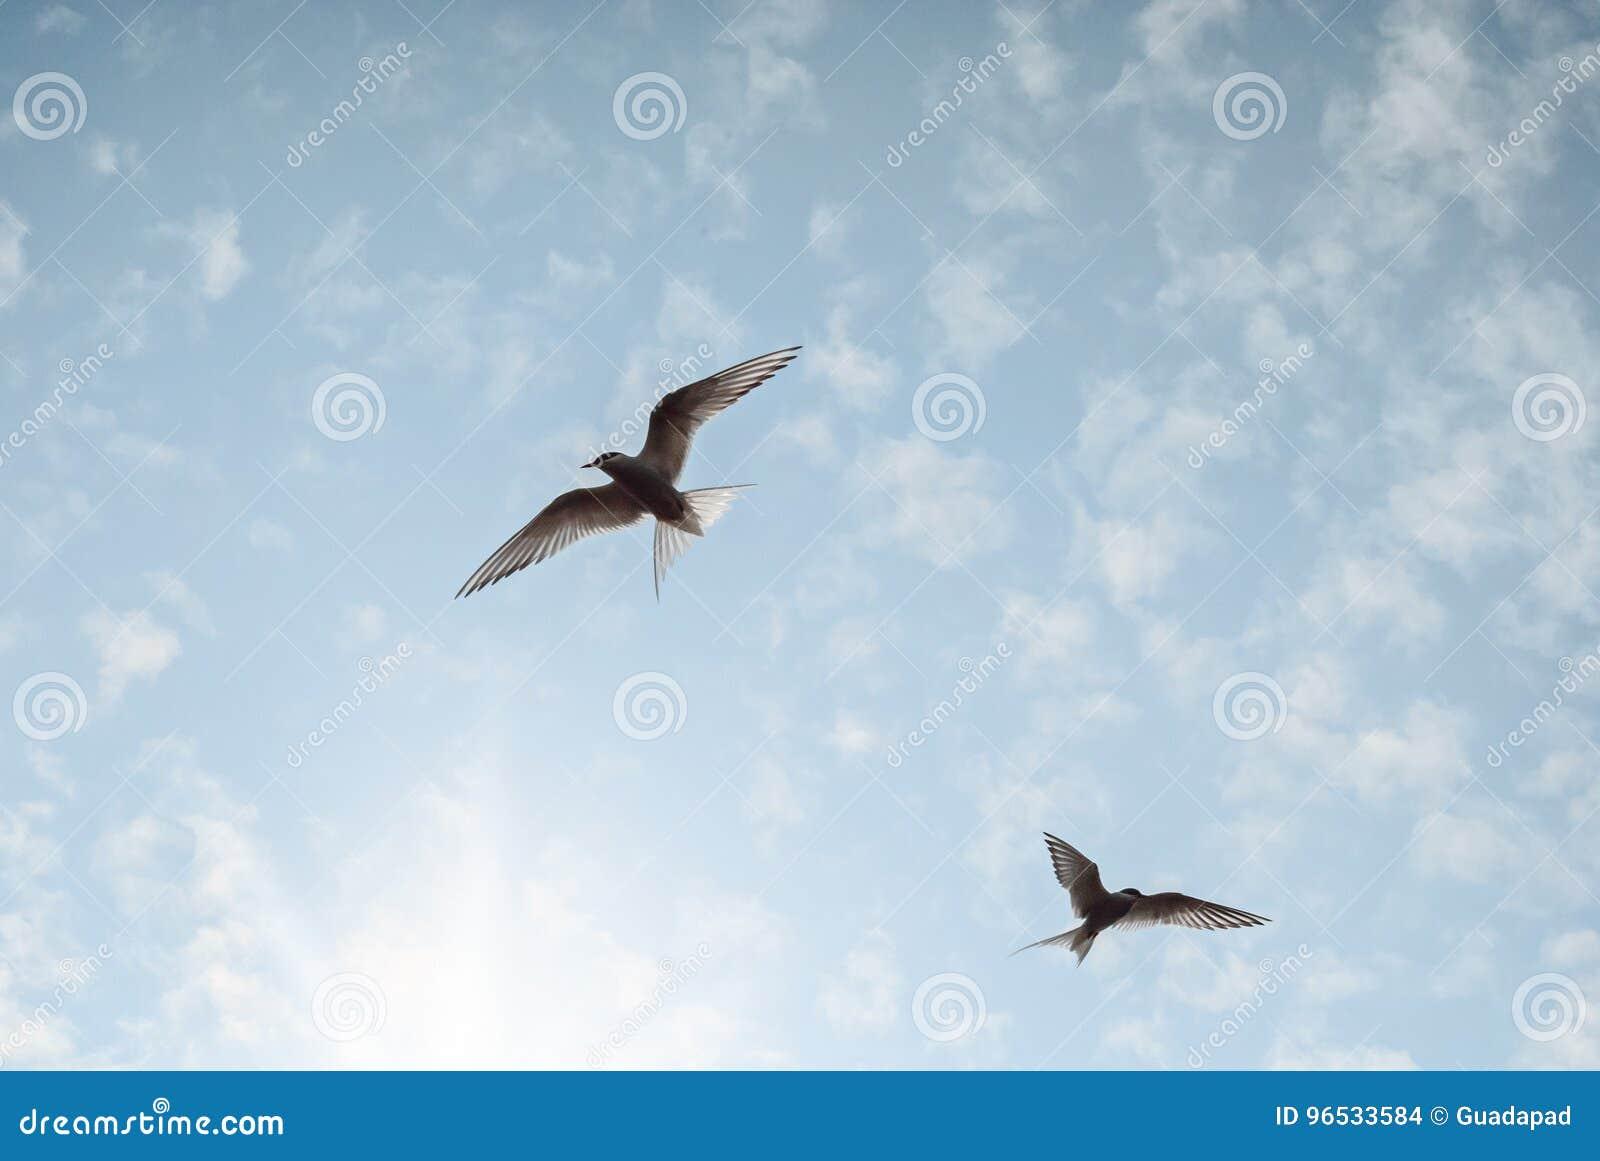 Due uccelli stanno volando nel cielo blu-chiaro che raggiunge per il sole